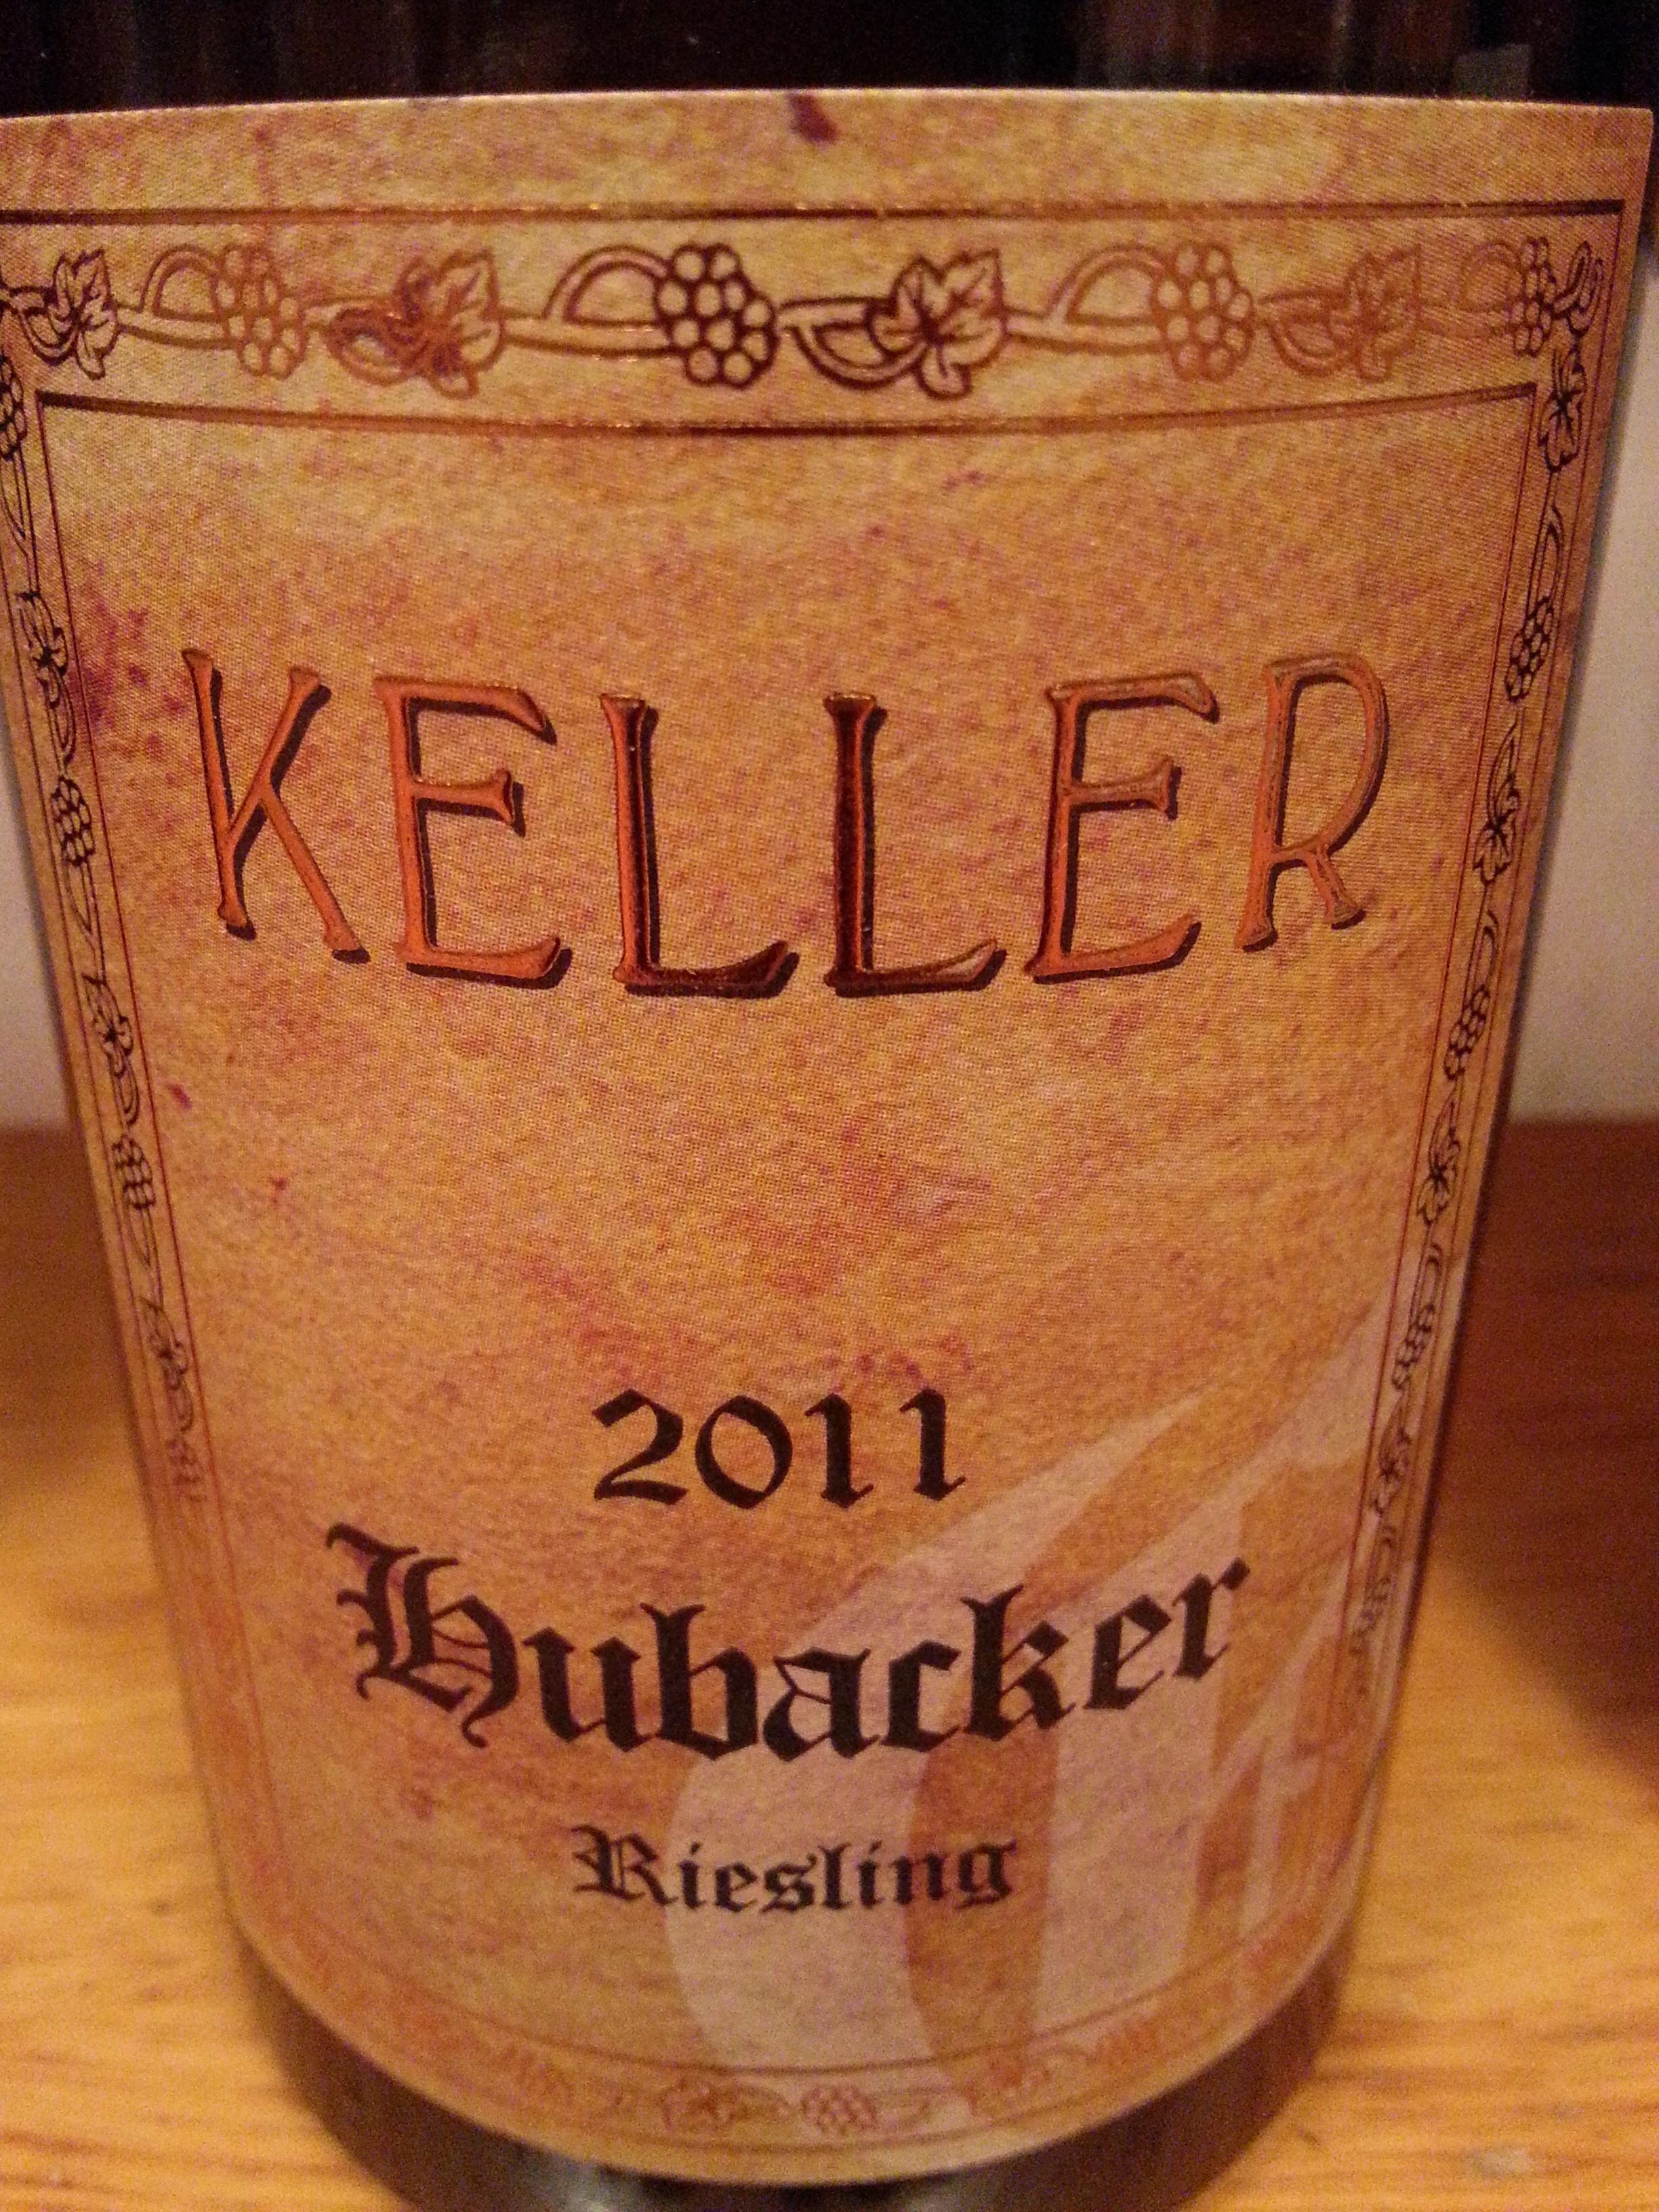 2011 Riesling Hubacker | Keller